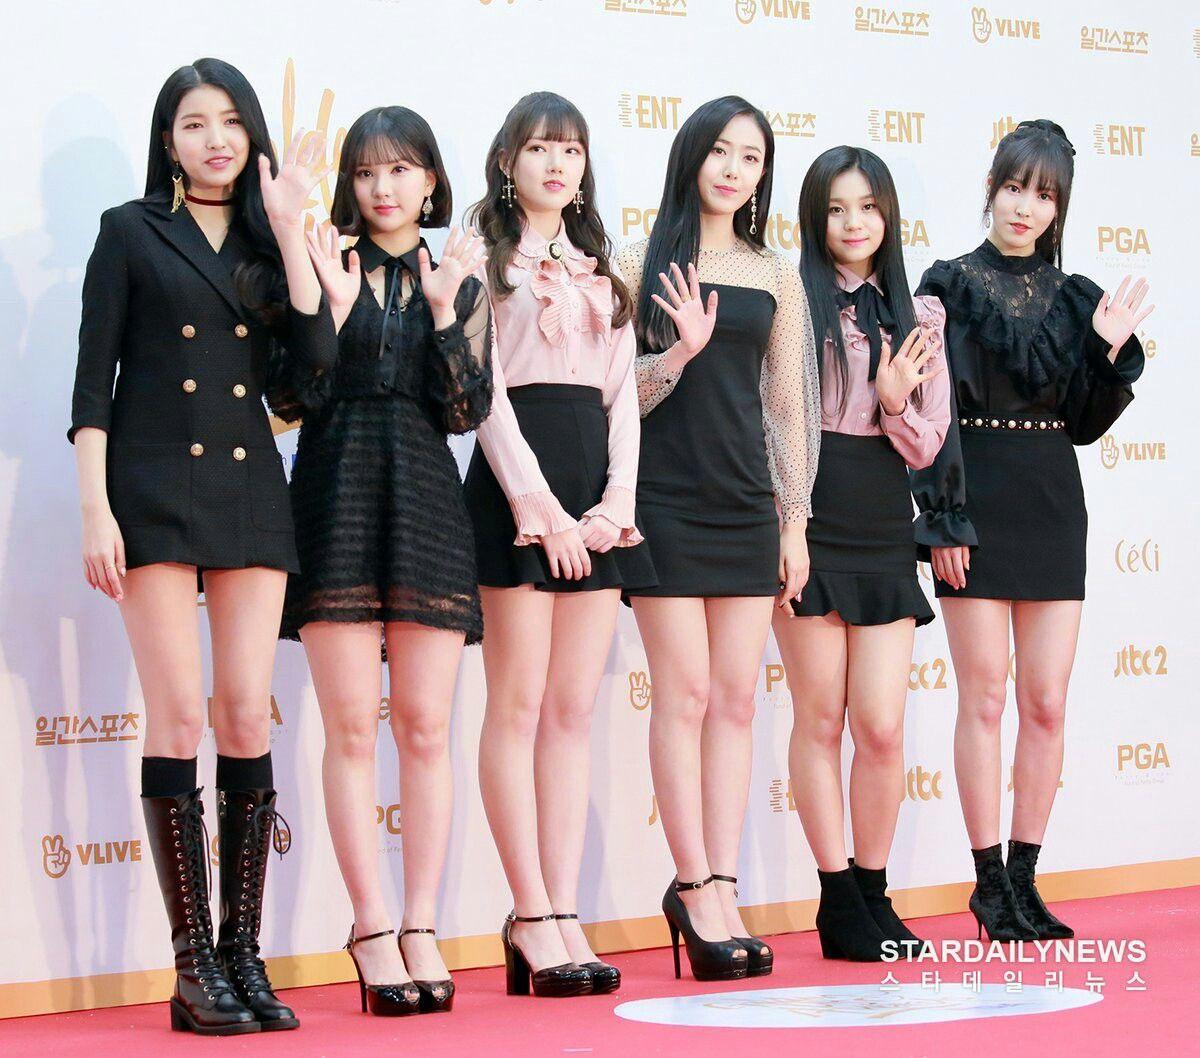 Không chỉ leo thang ở Hàn, hit mới của G-Friend còn thống trị BXH Trung Quốc - Ảnh 1.